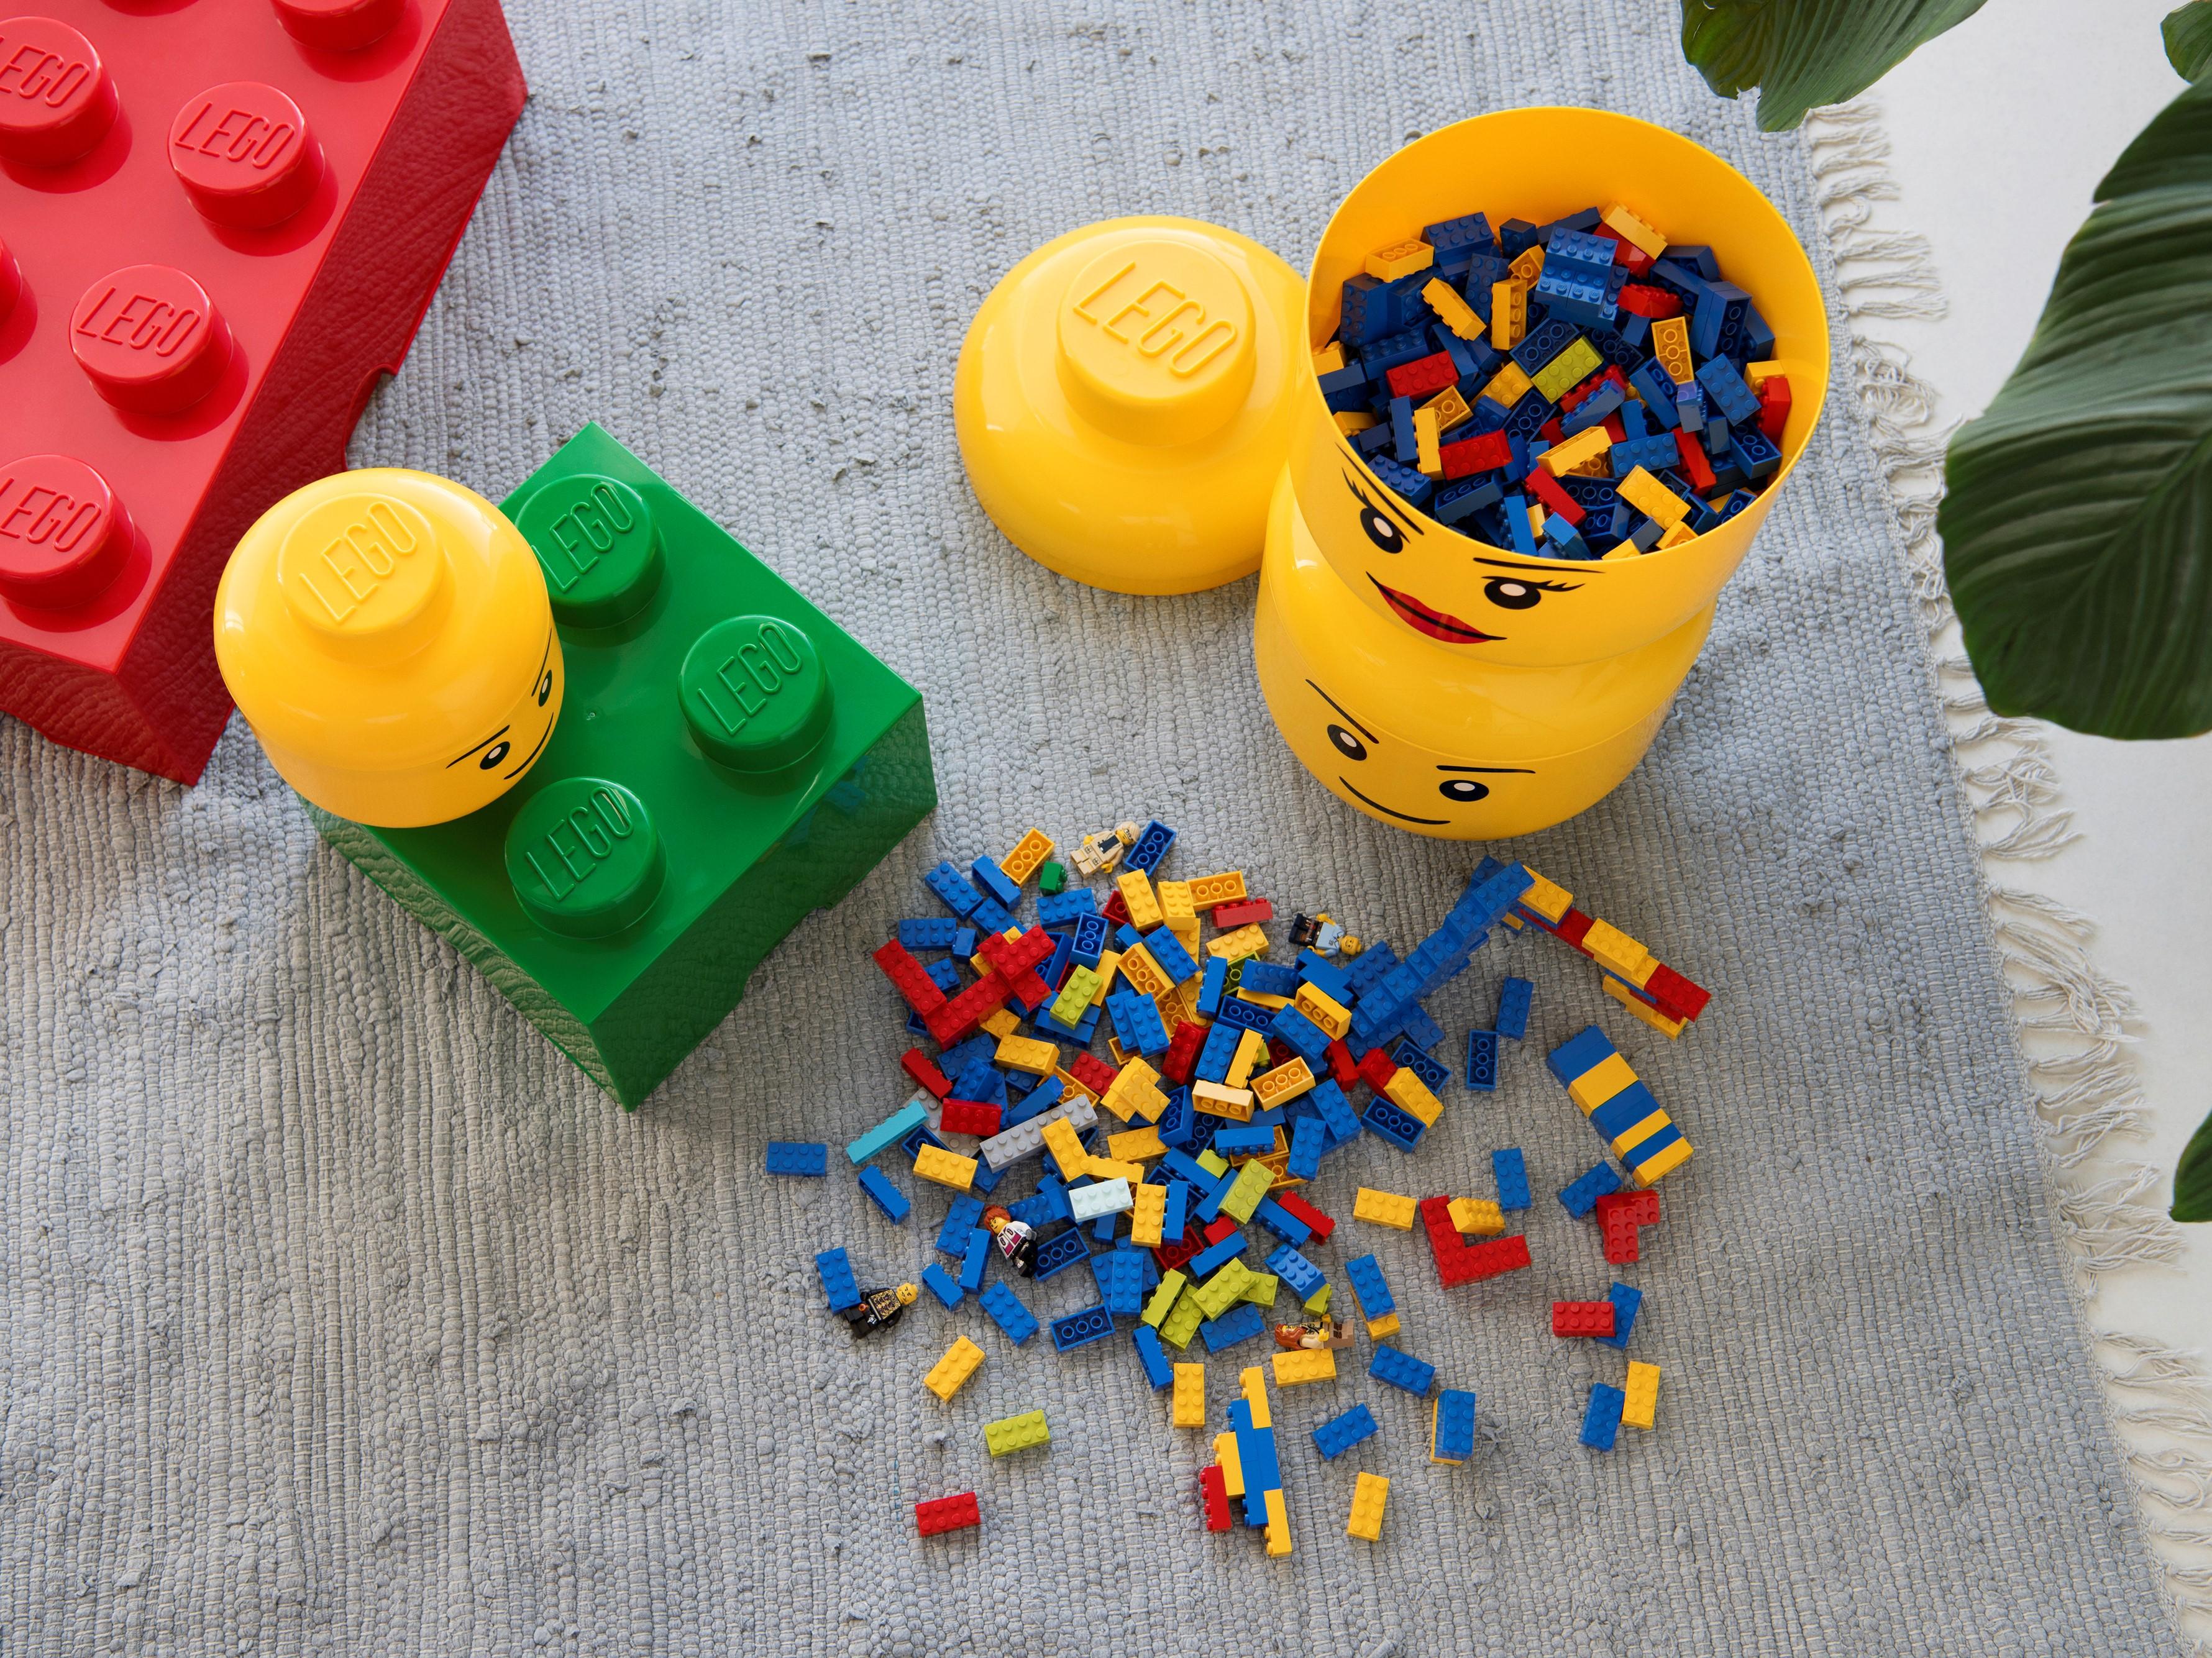 4 LEGO Storage 40321724 Opberghoofd - Jongen LargeDeze overzised LEGO-hoofden zijn. Lego Boy Storage Head Large 5005528 Other Buy Online At The Official Lego Shop Us